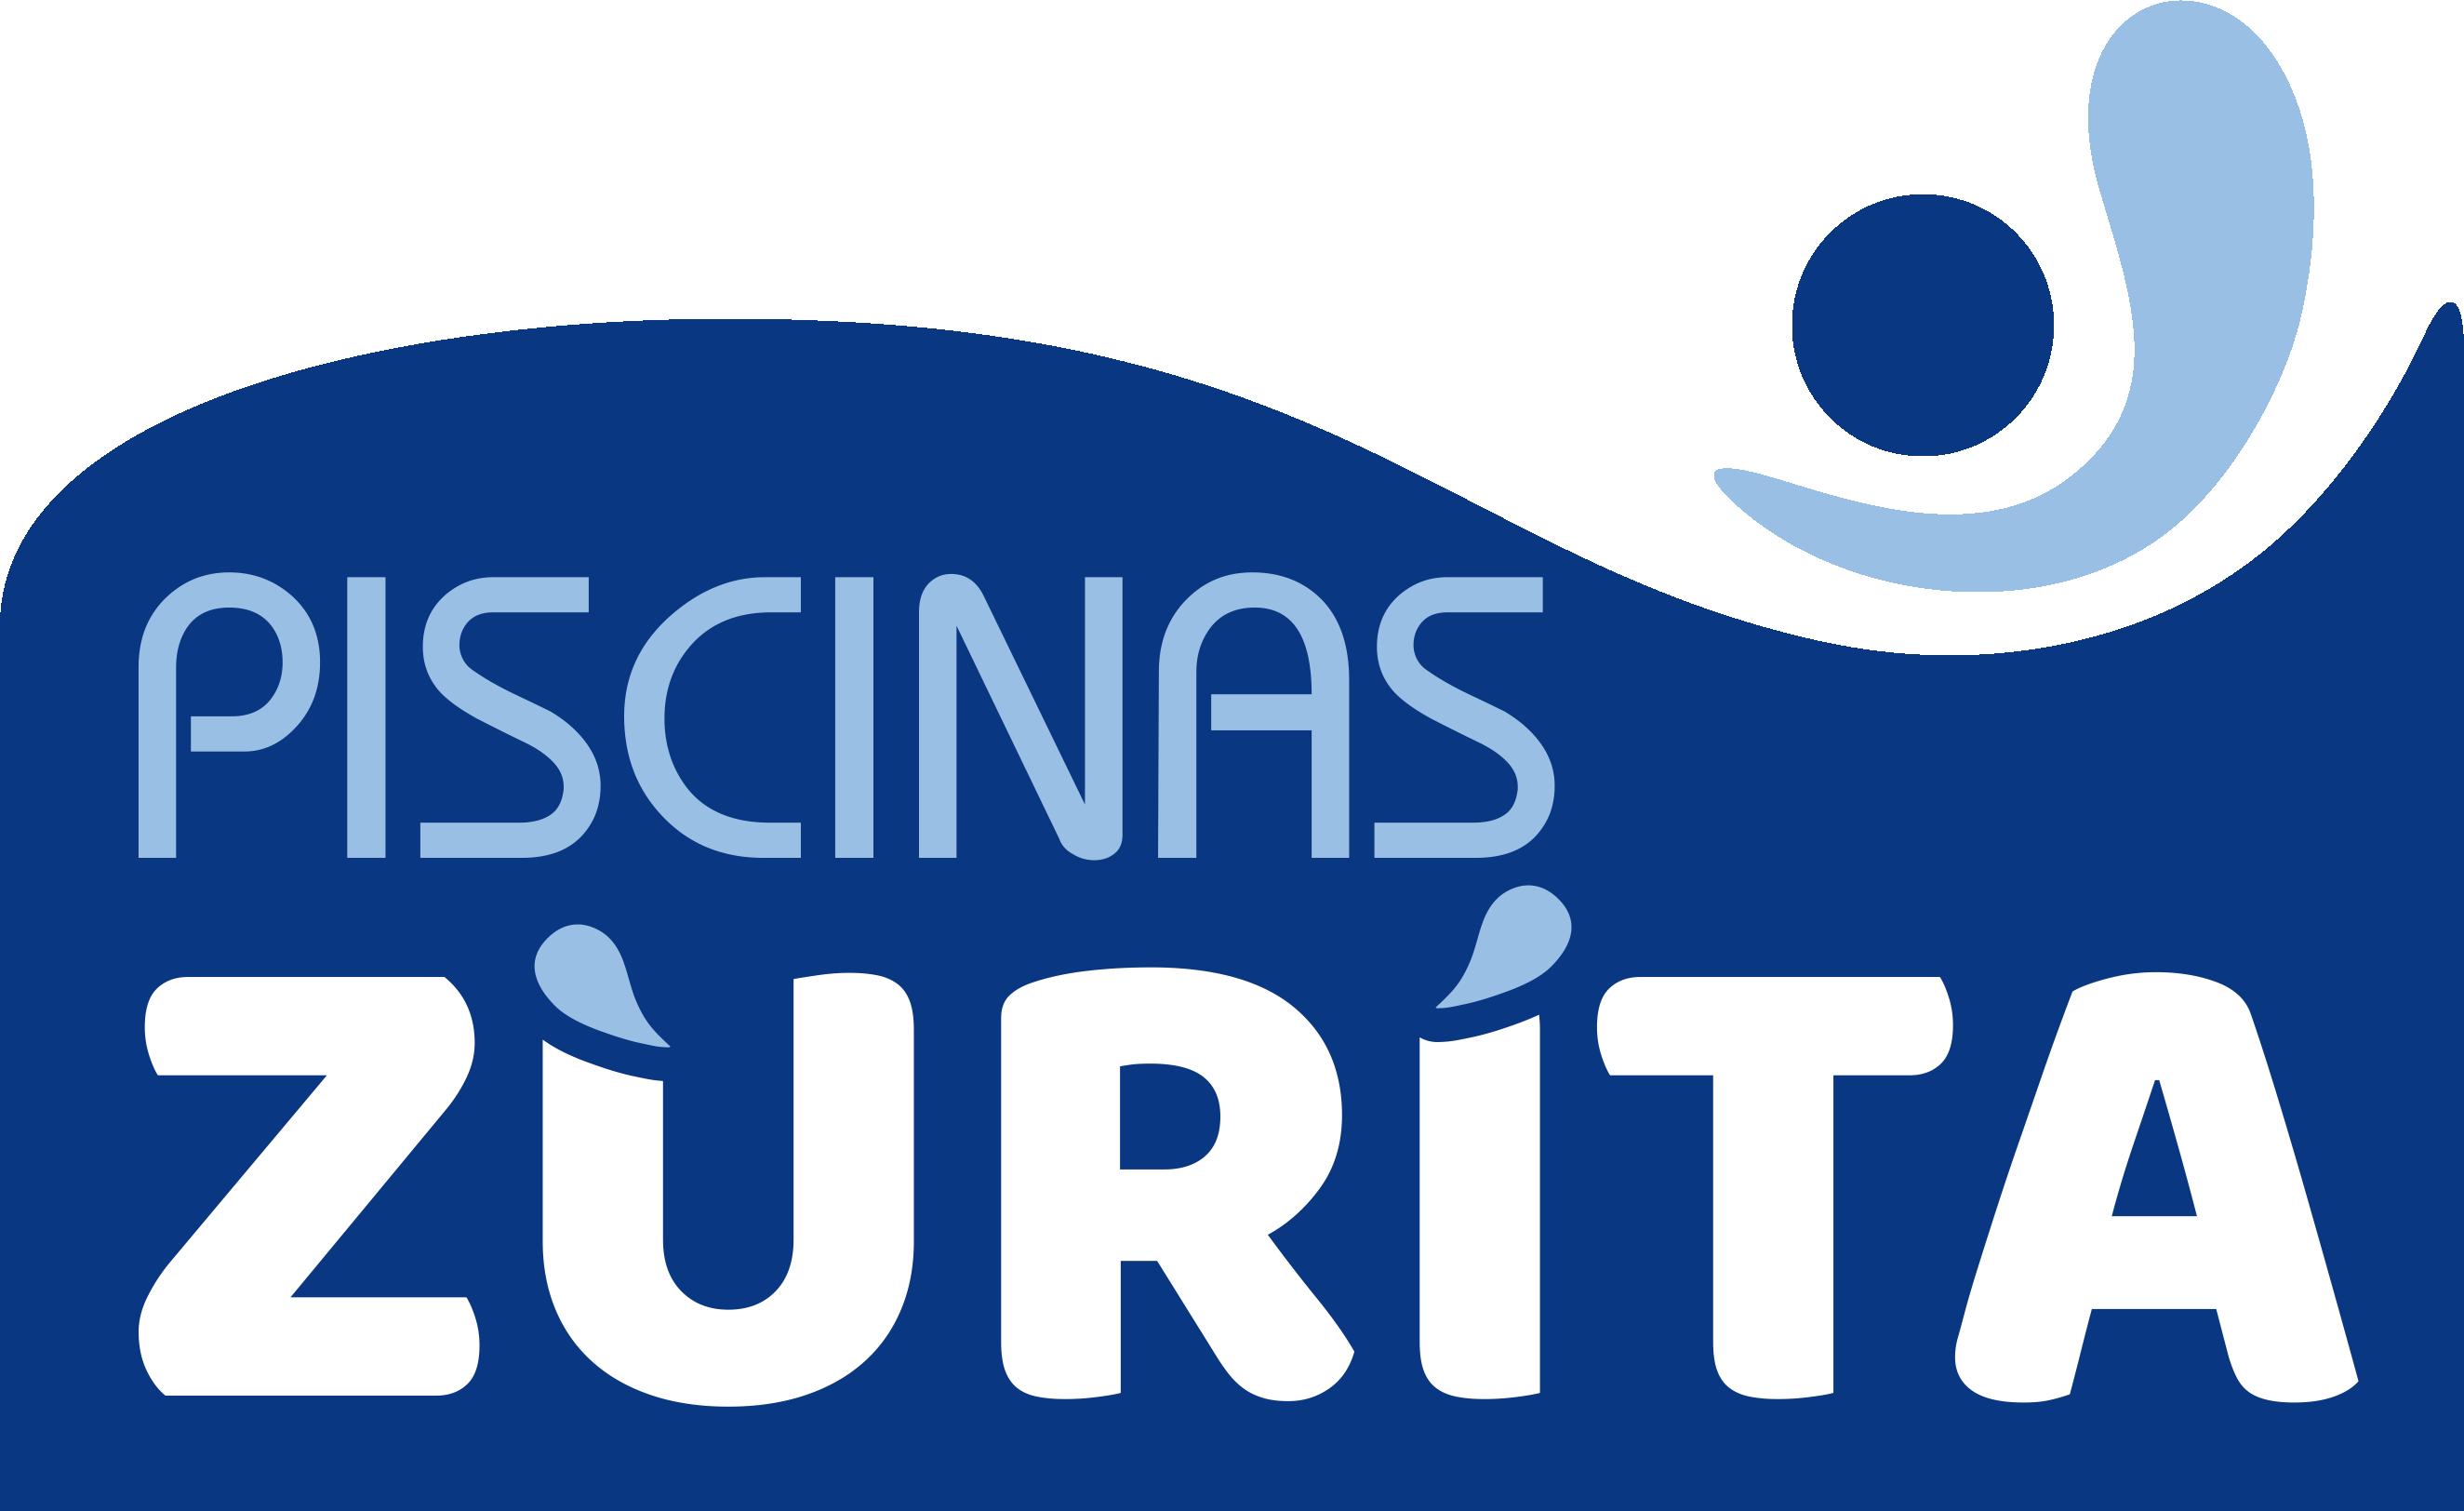 Piscinas Zurita